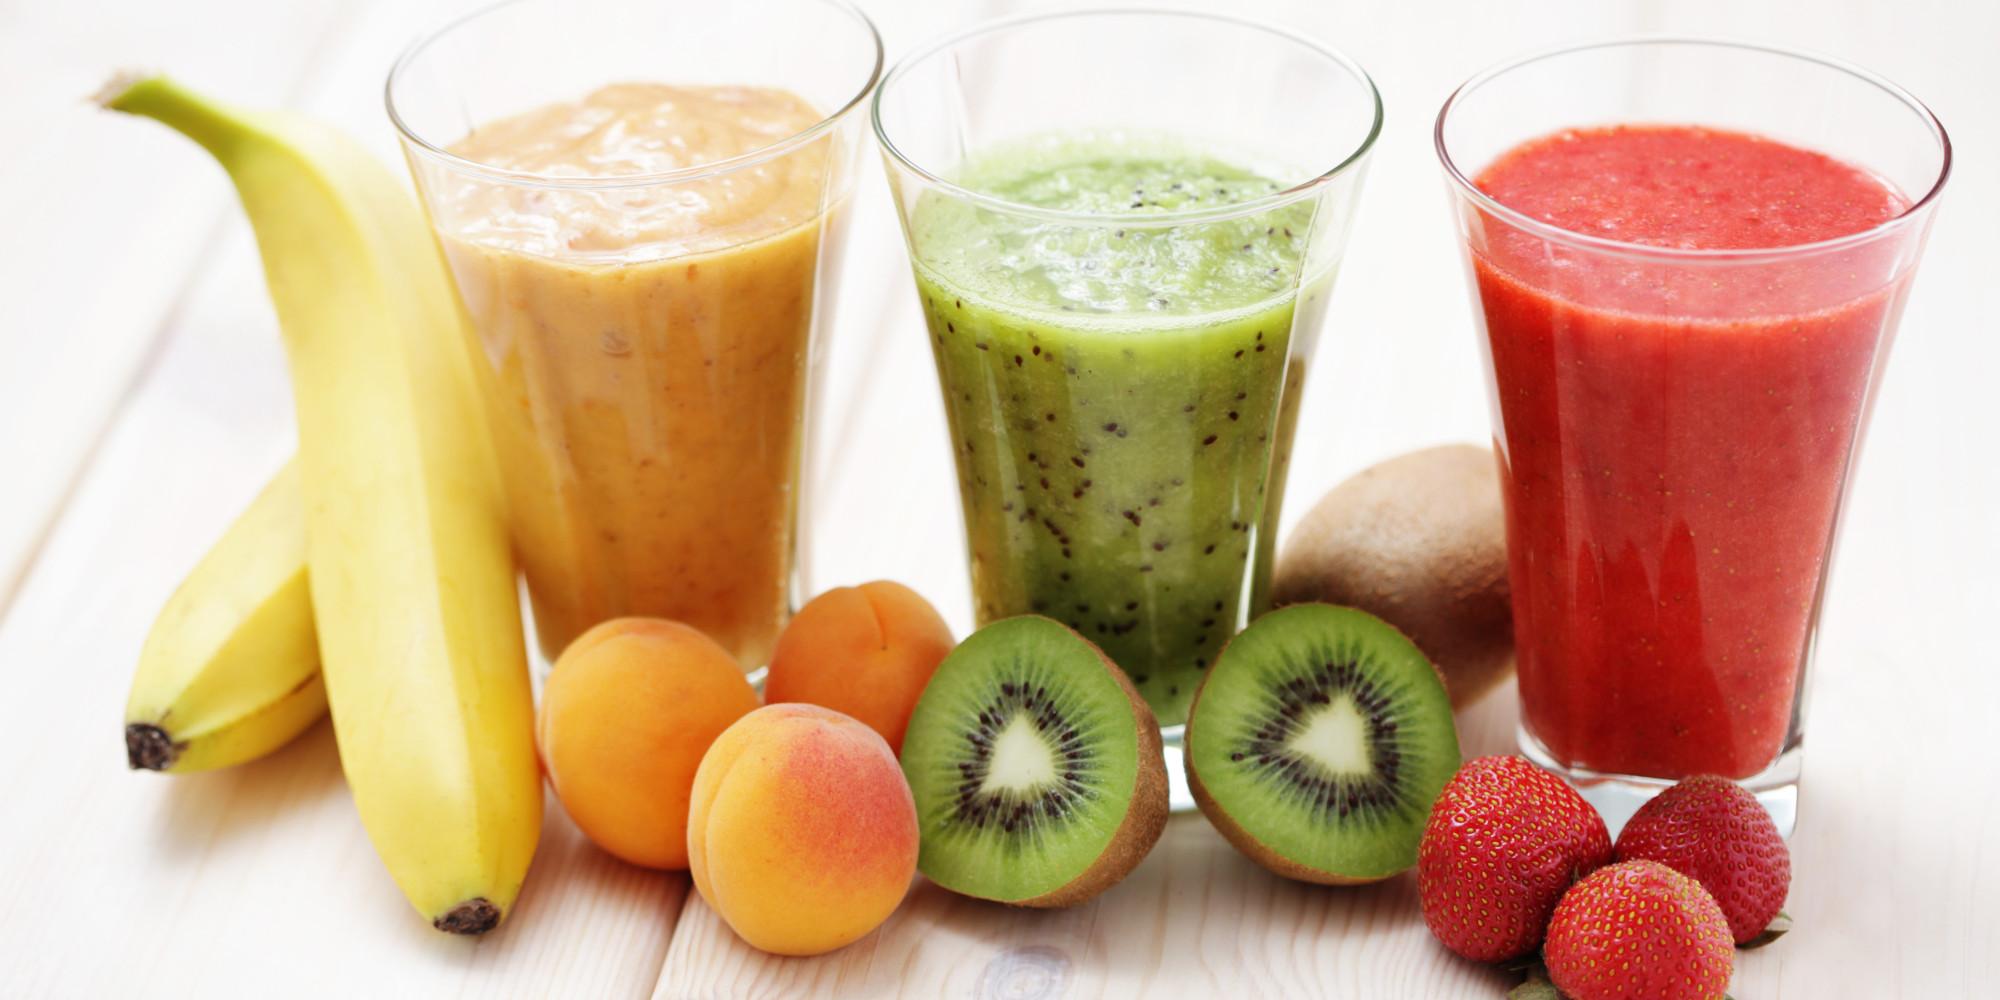 Des jus de fruits et de légumes à boire régulièrement